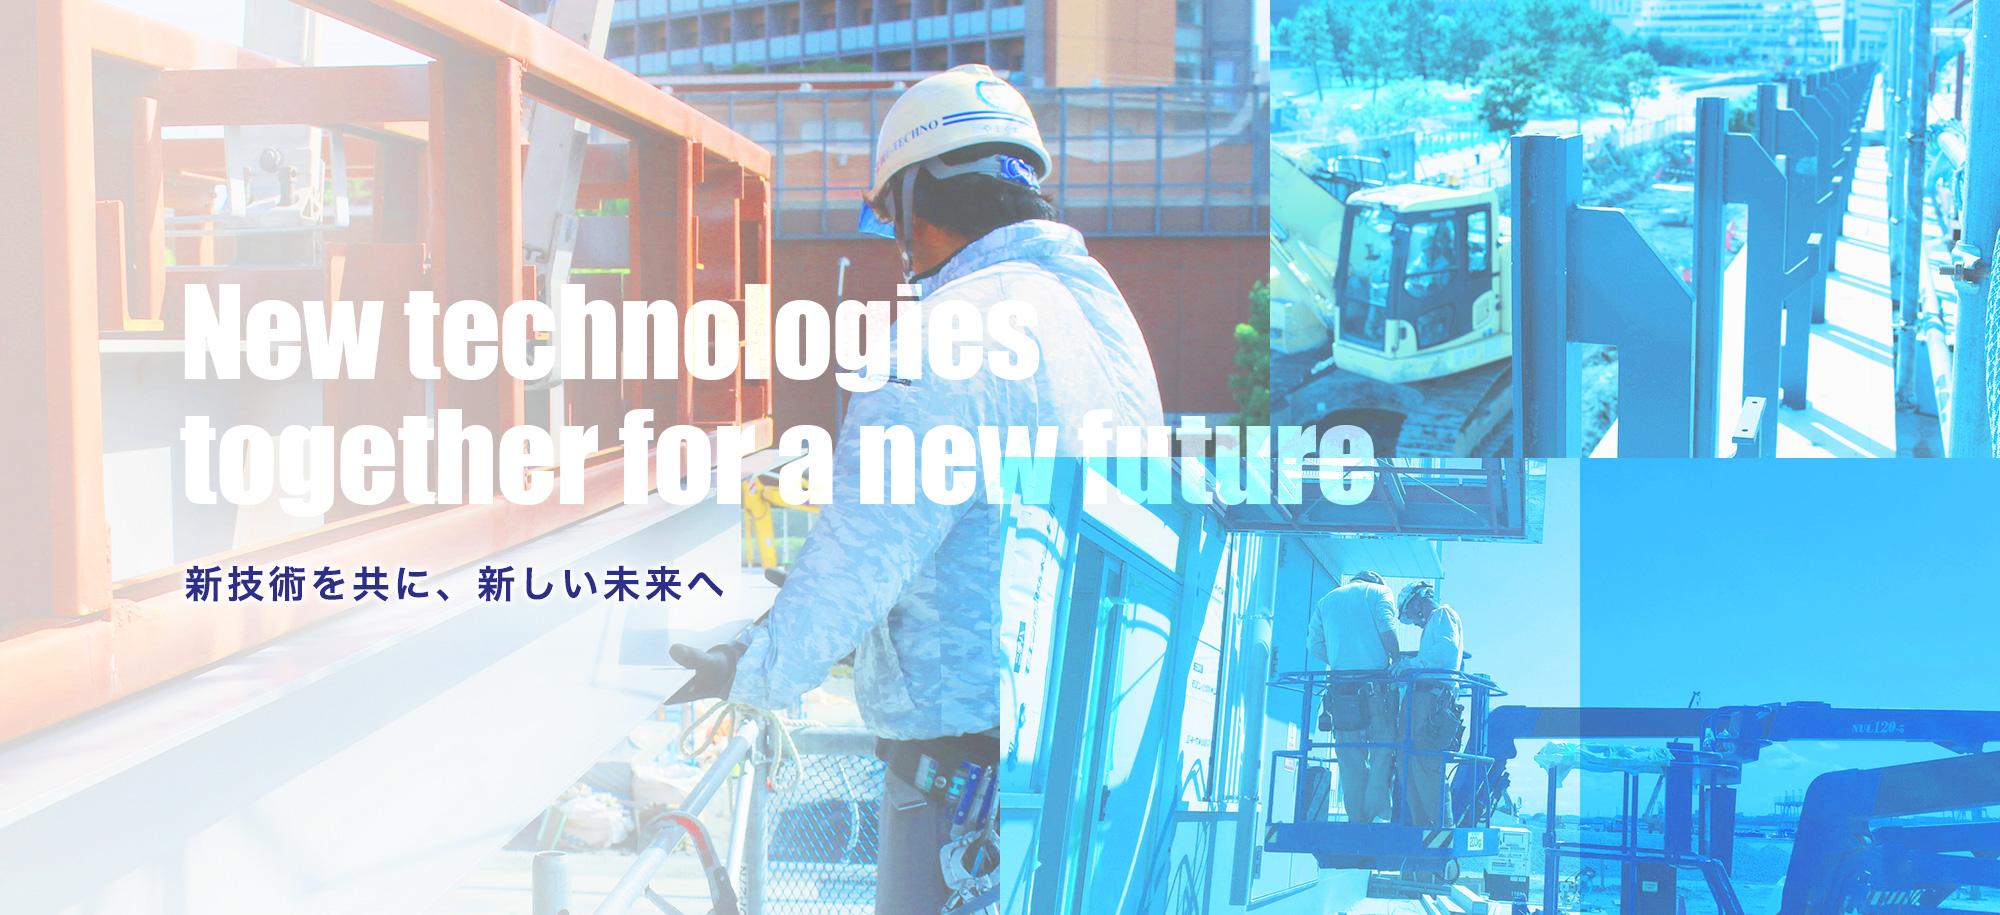 新技術を共に、新しい未来へ